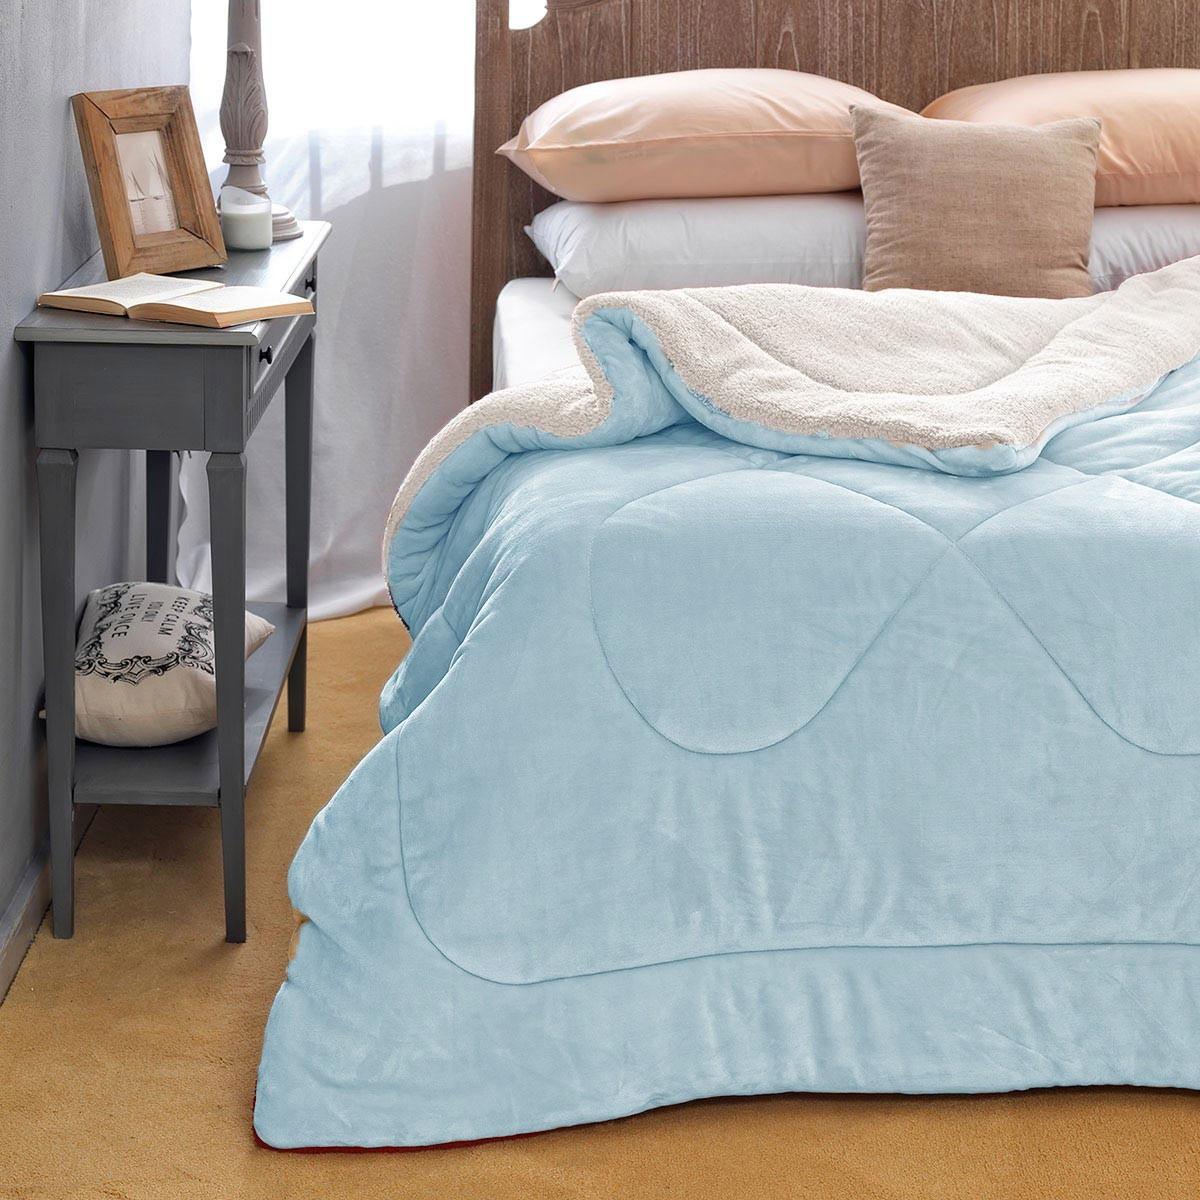 Κουβερτοπάπλωμα Υπέρδιπλο Palamaiki Sloop Ciel home   κρεβατοκάμαρα   παπλώματα   κουβερτοπαπλώματα